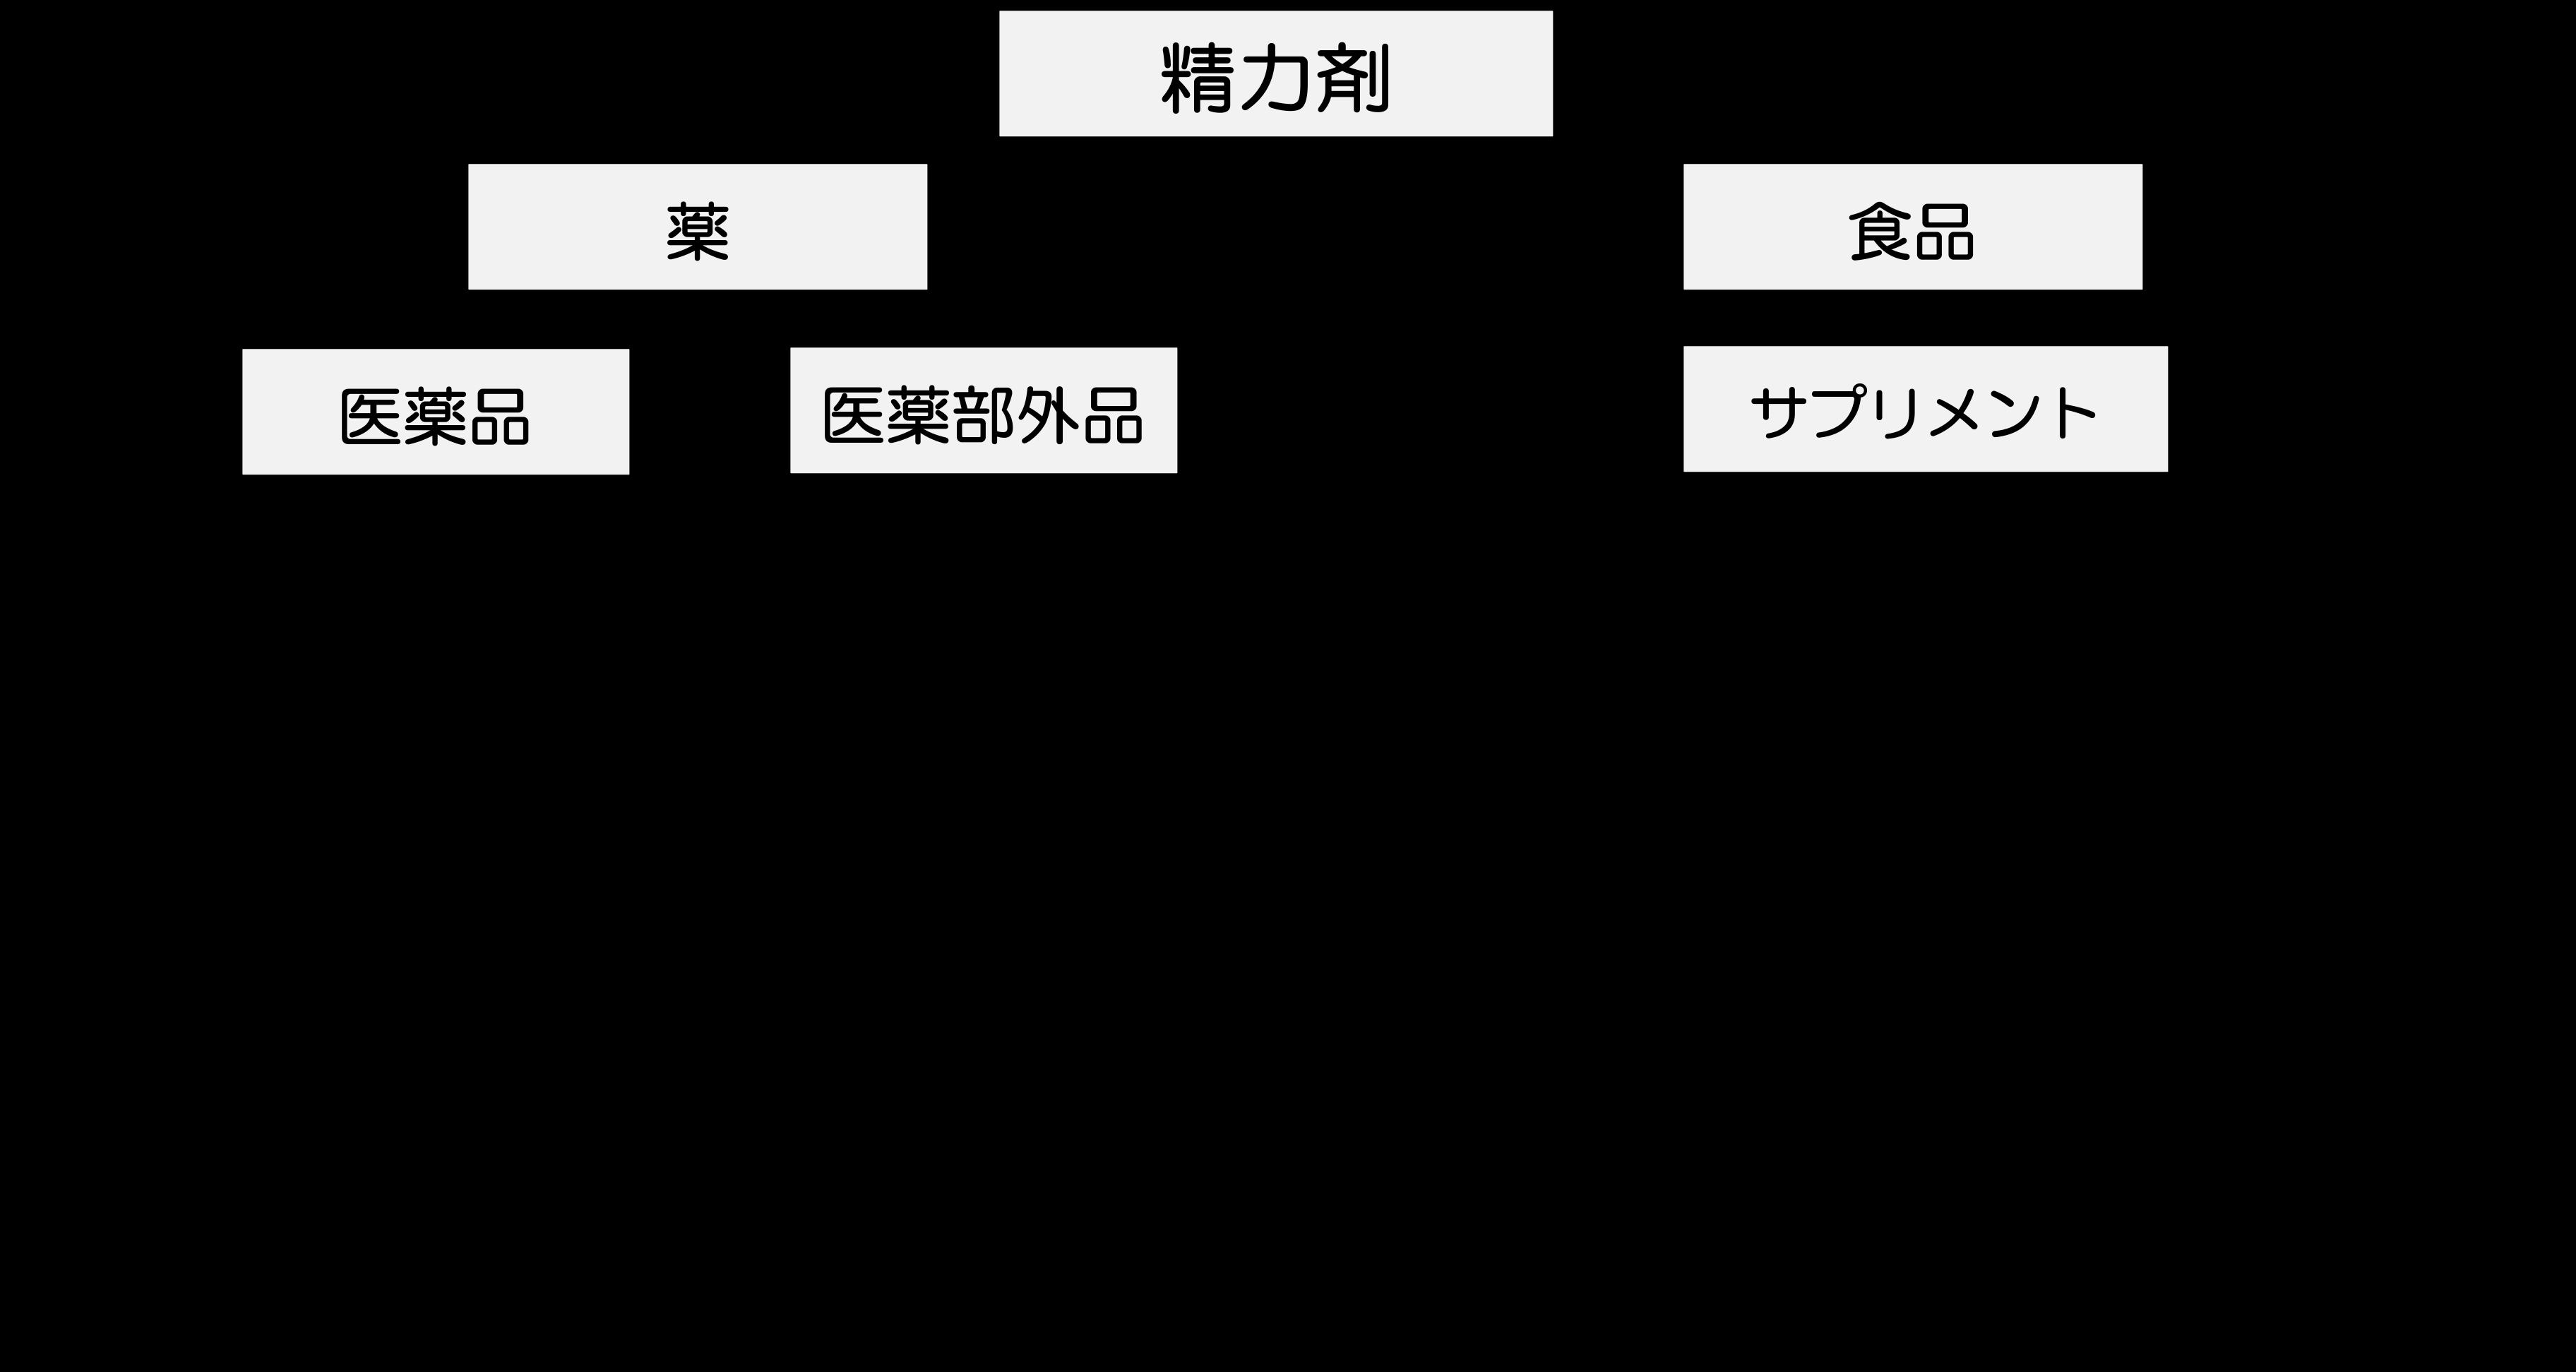 精力剤 分類